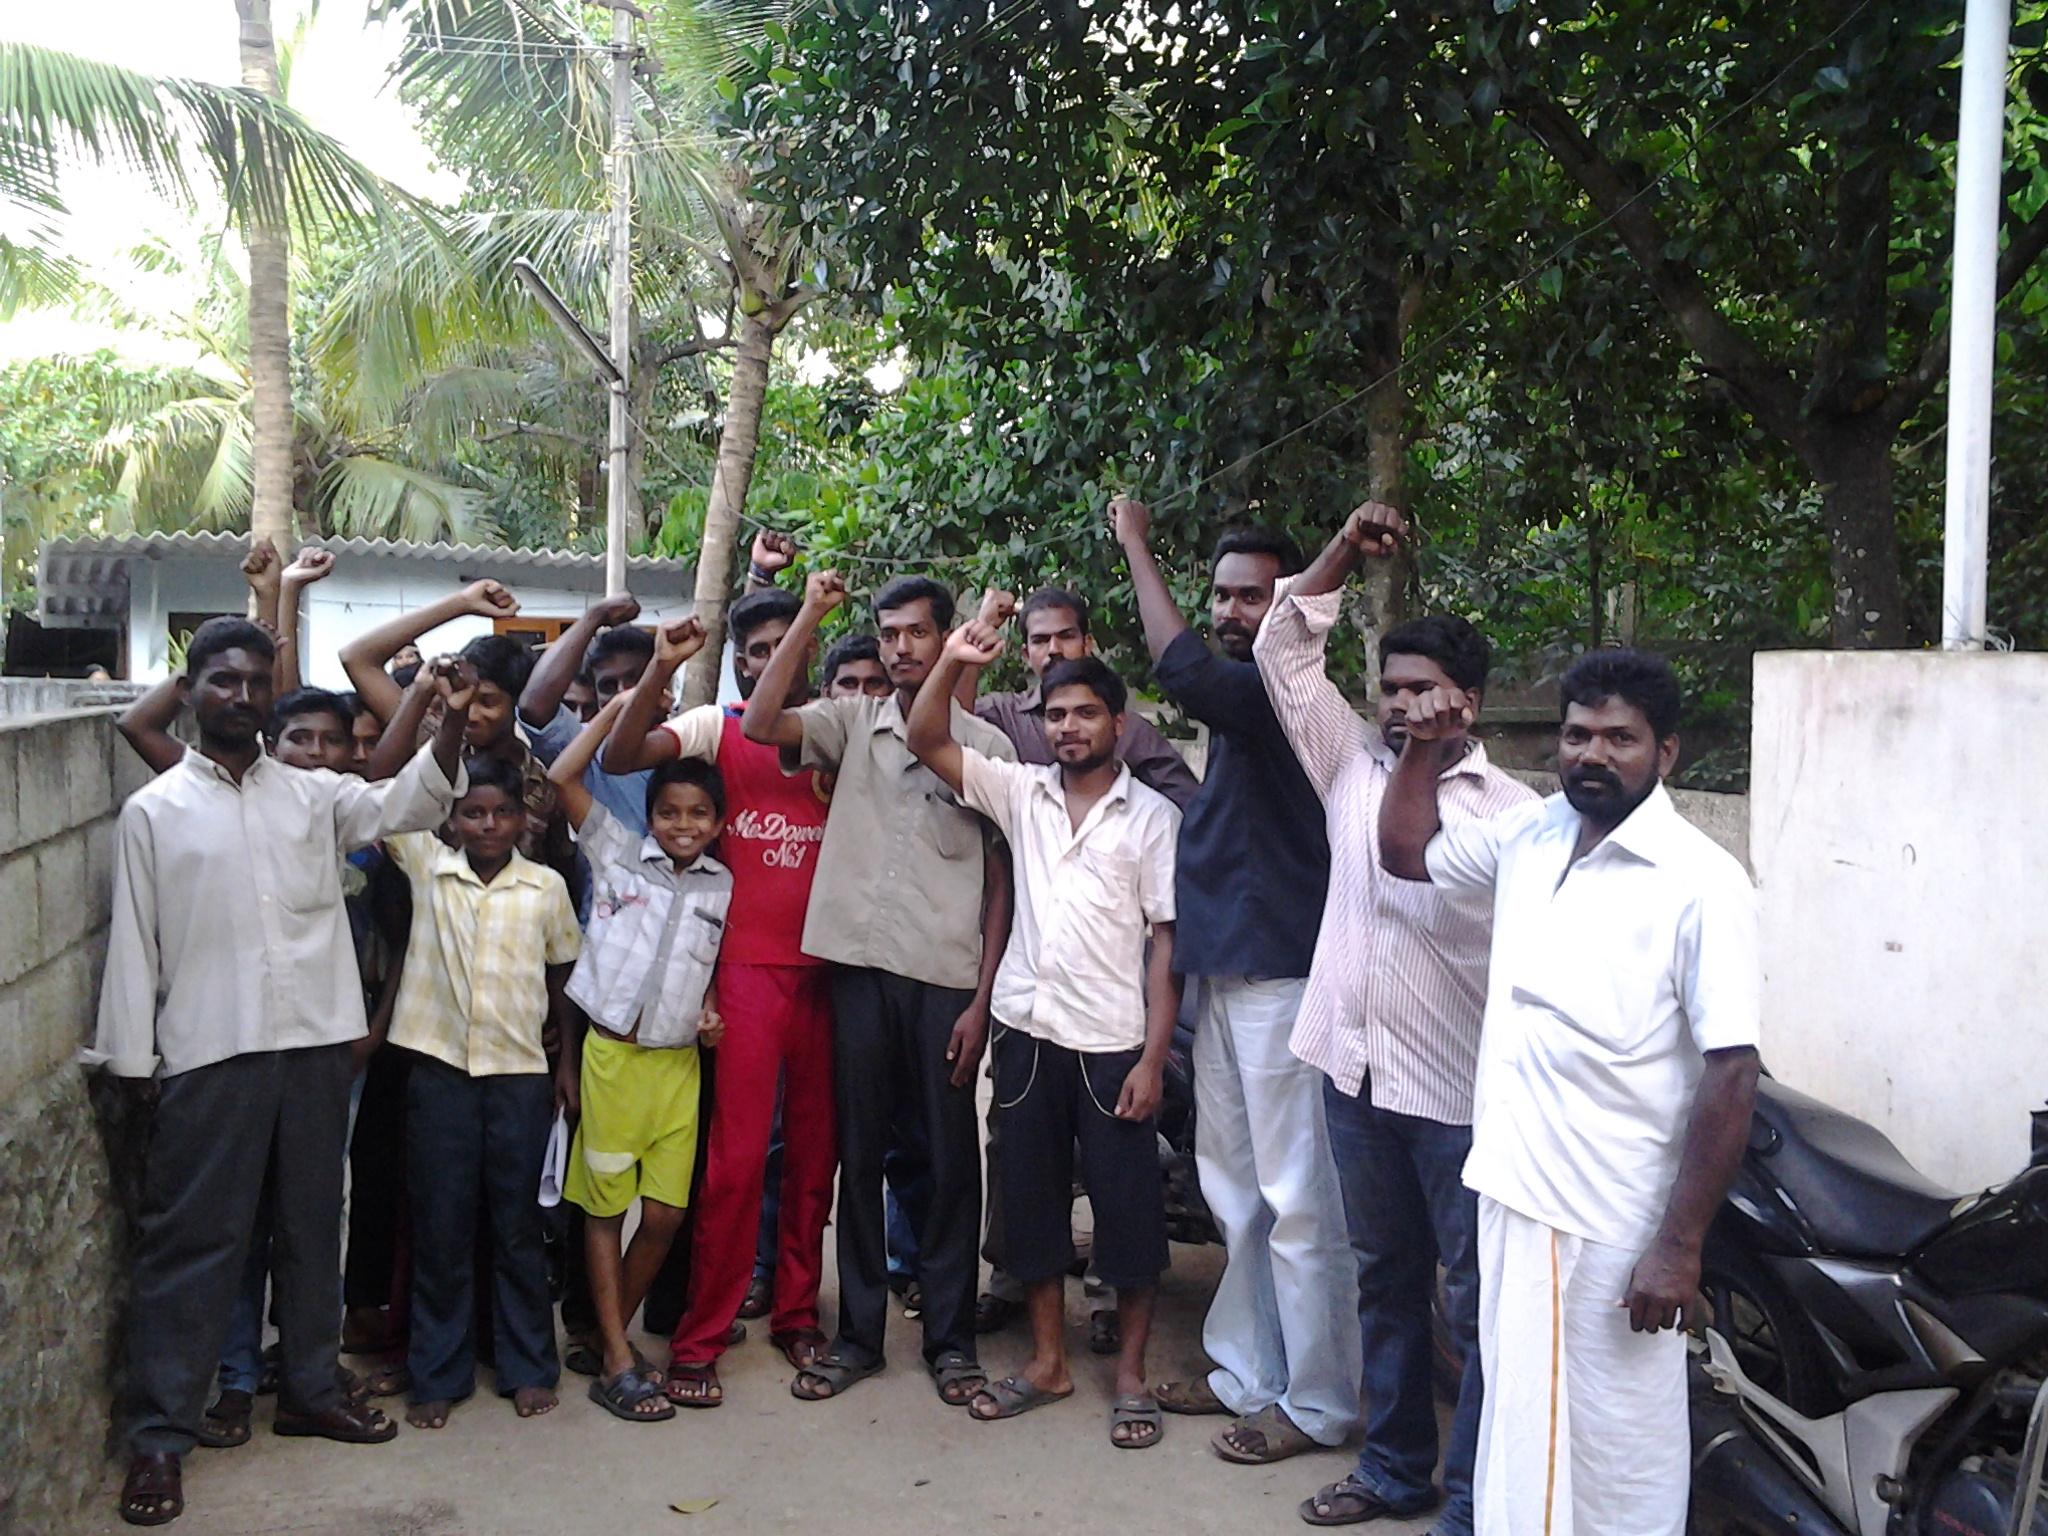 கன்னியாகுமாரி மாவட்டம் தக்கலை ஒன்றிய கலந்தாய்வு 20131006 173810